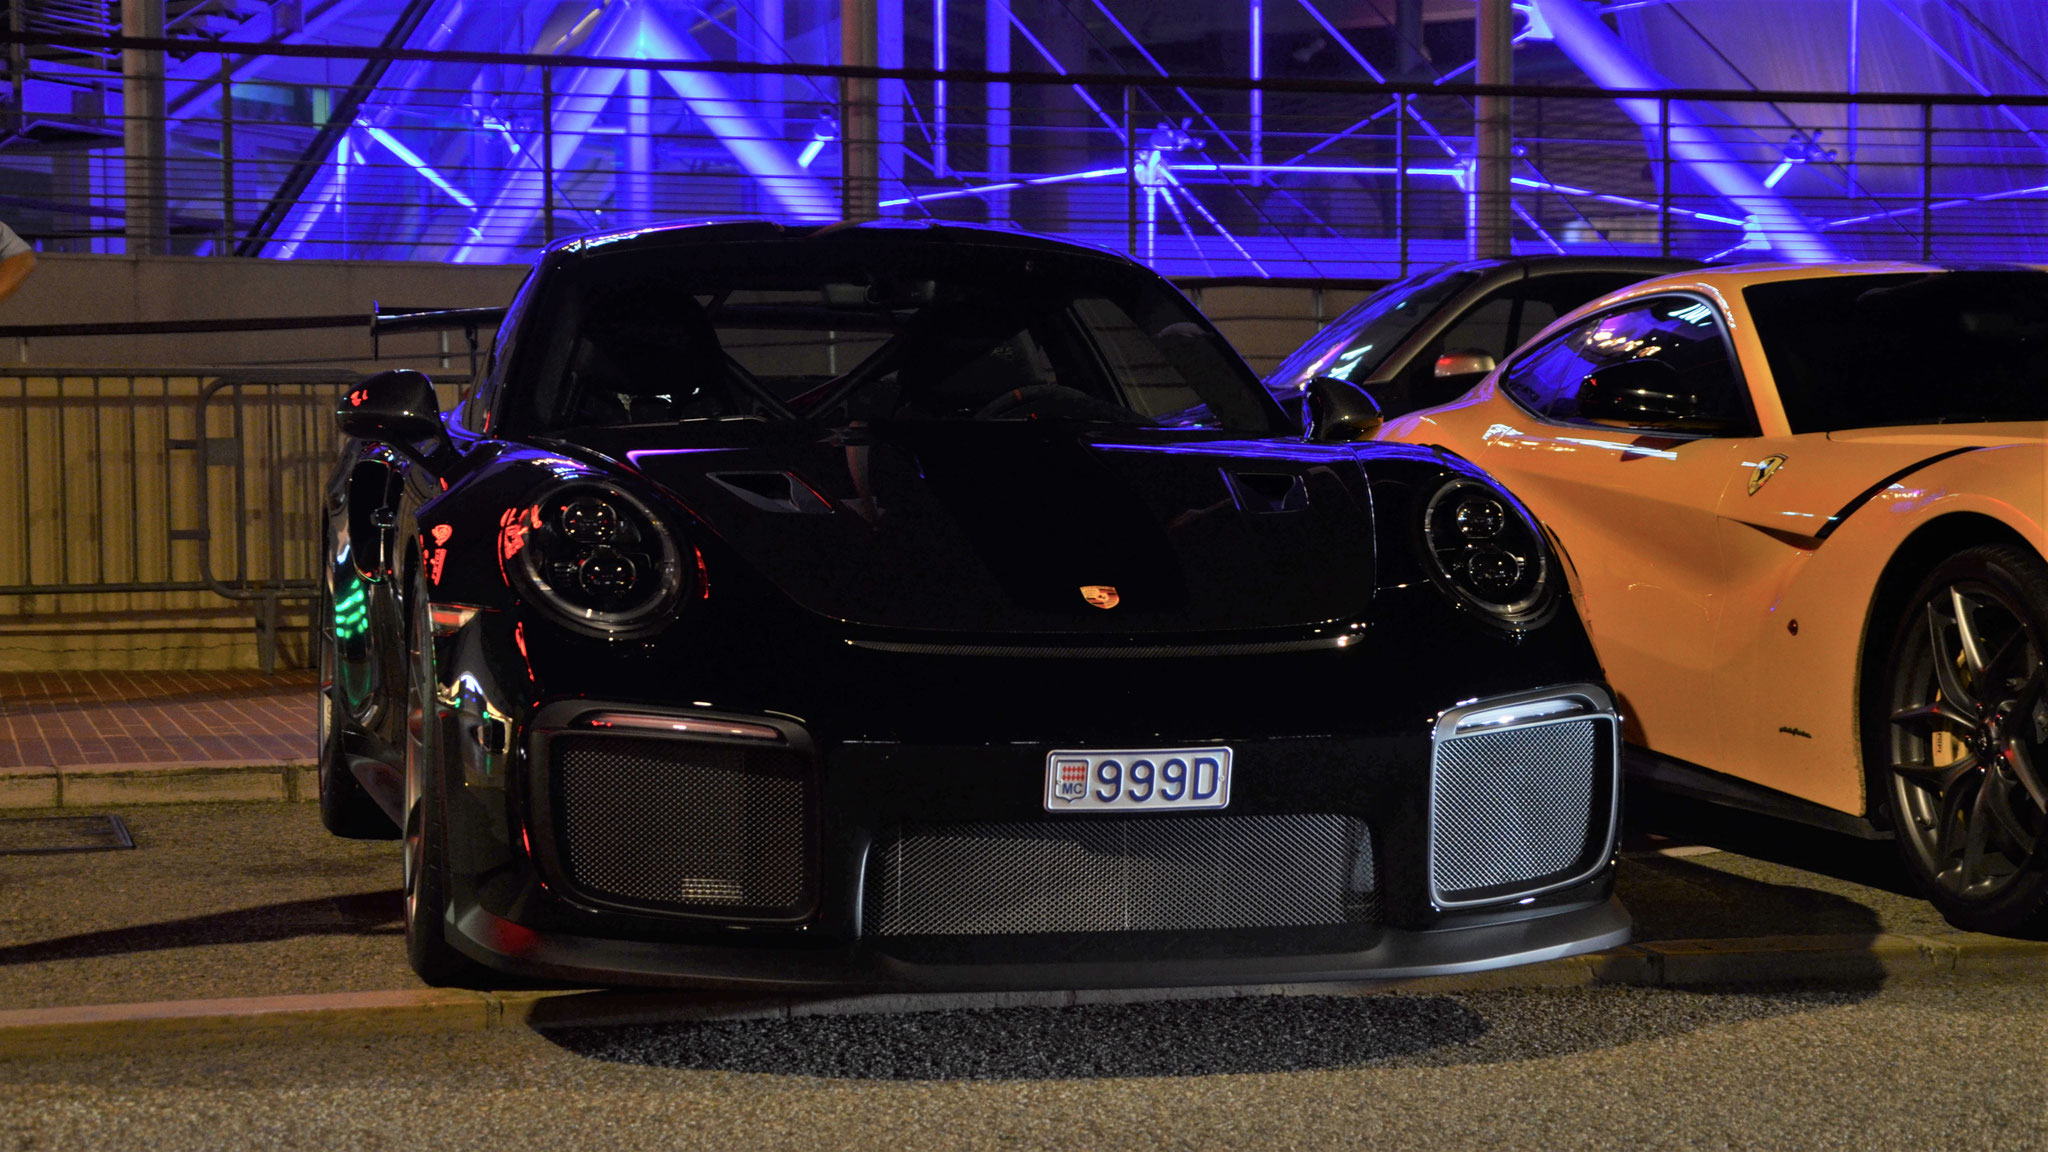 Porsche GT2 RS - 999D (FRA)